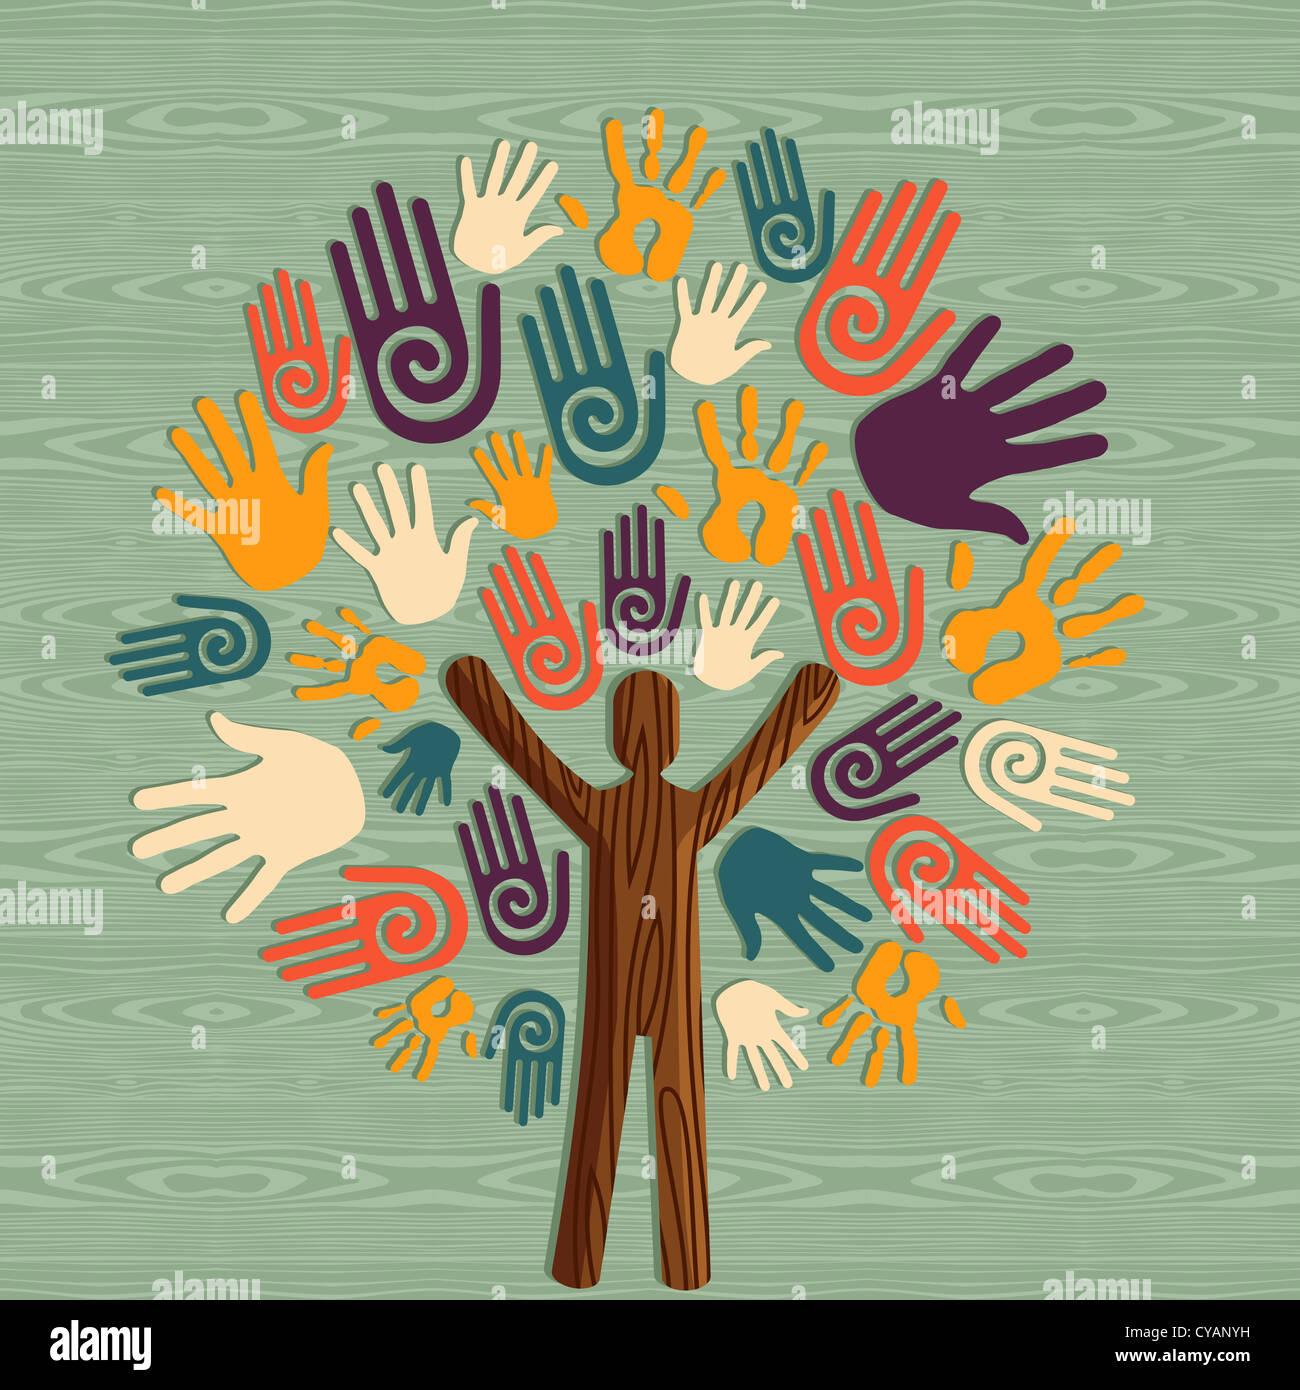 La diversité mondiale l'homme en tant qu'arbre tronc mains illustration. Couches de fichier vectoriel Photo Stock